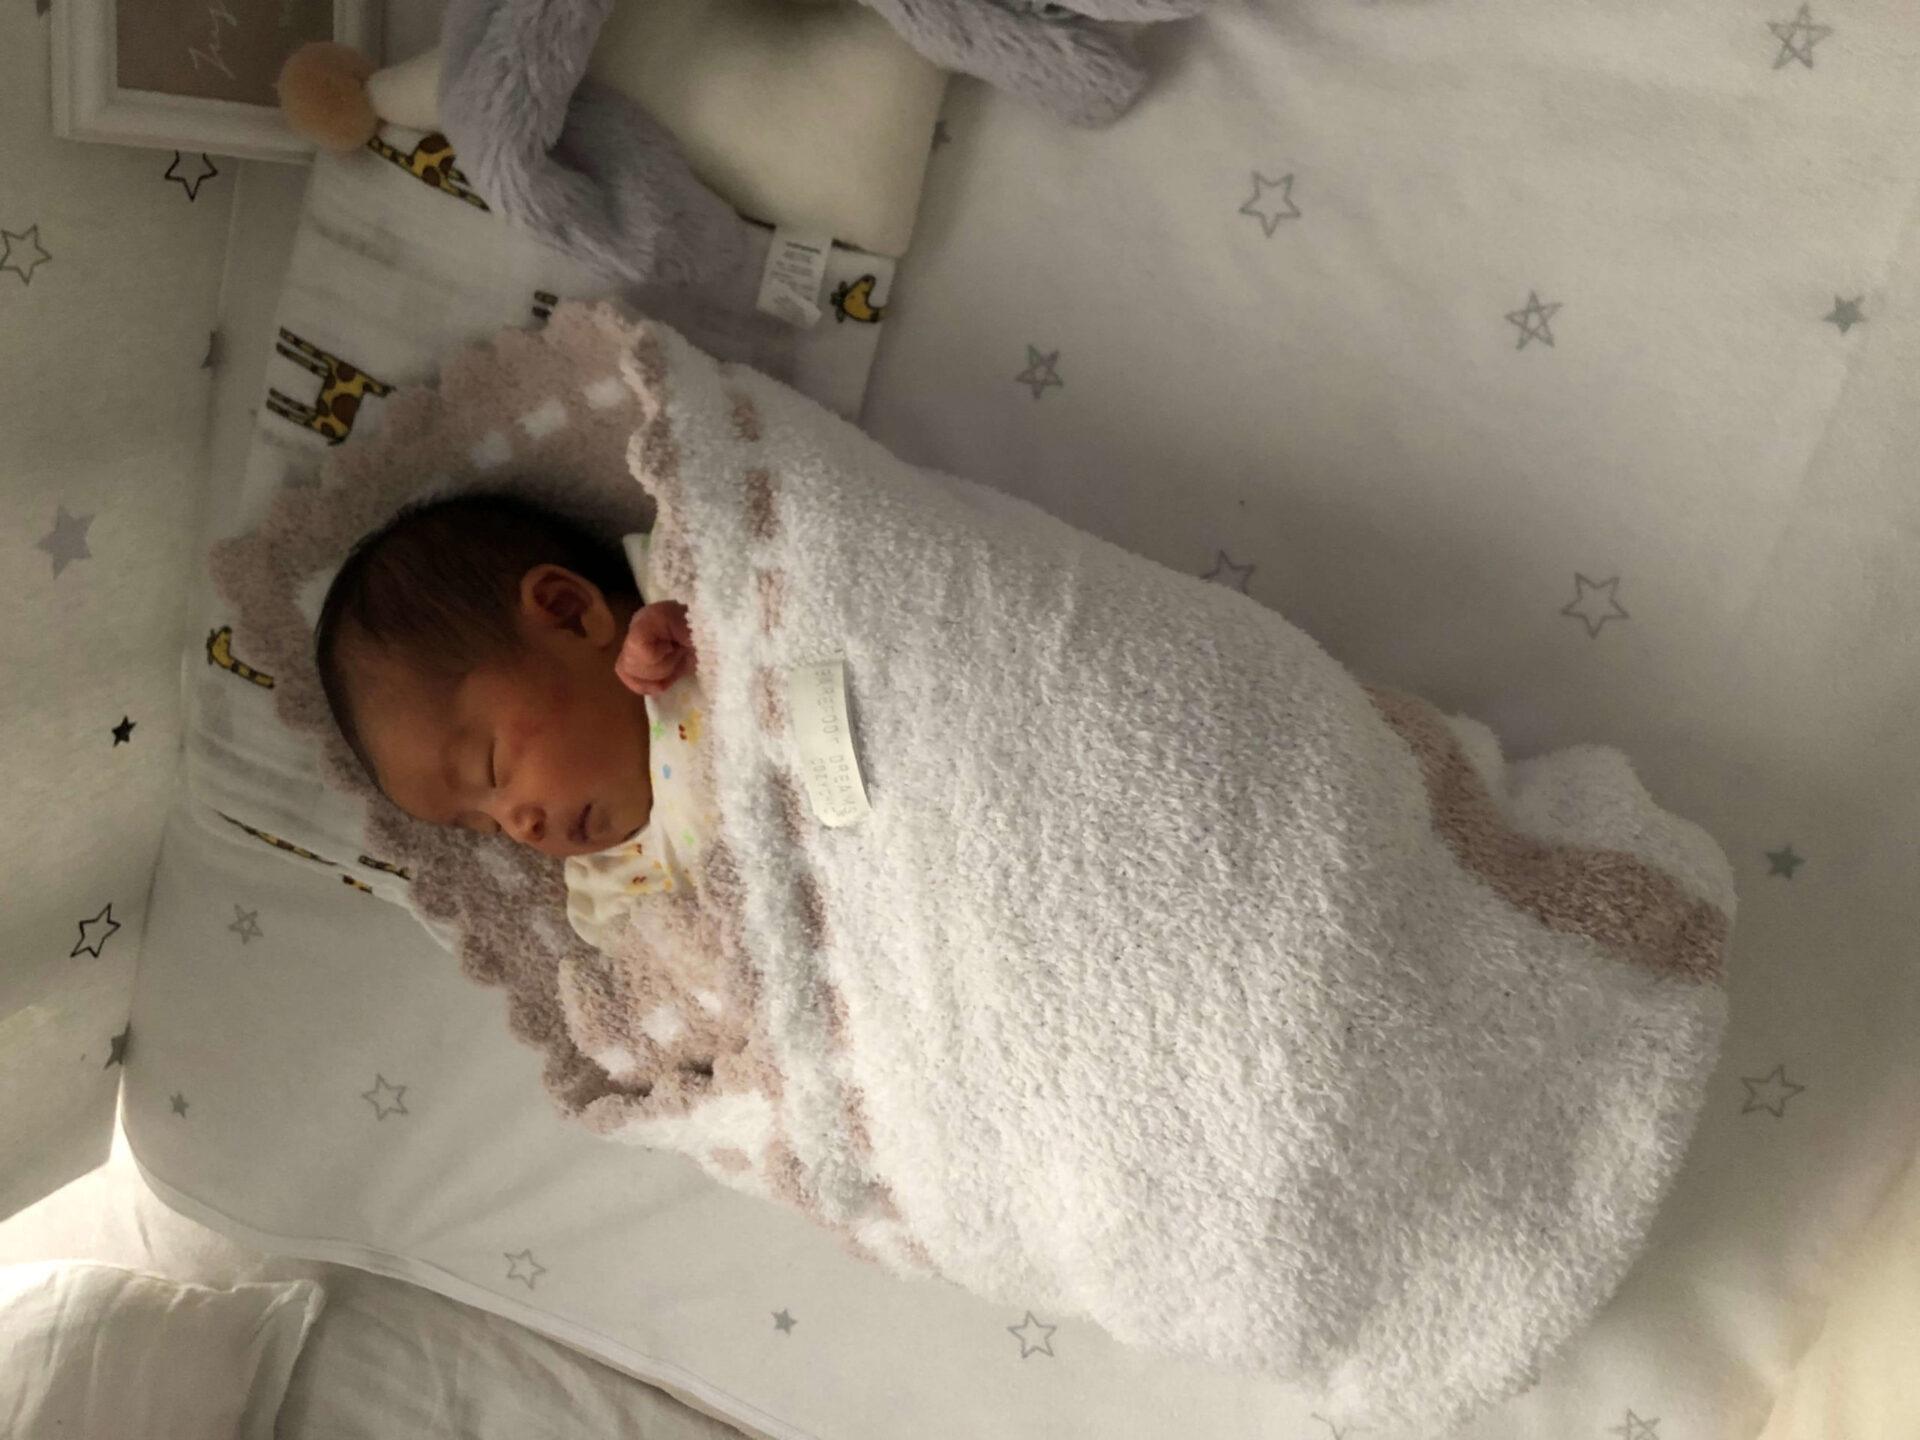 ベビーベッドで寝ている新生児のユノ